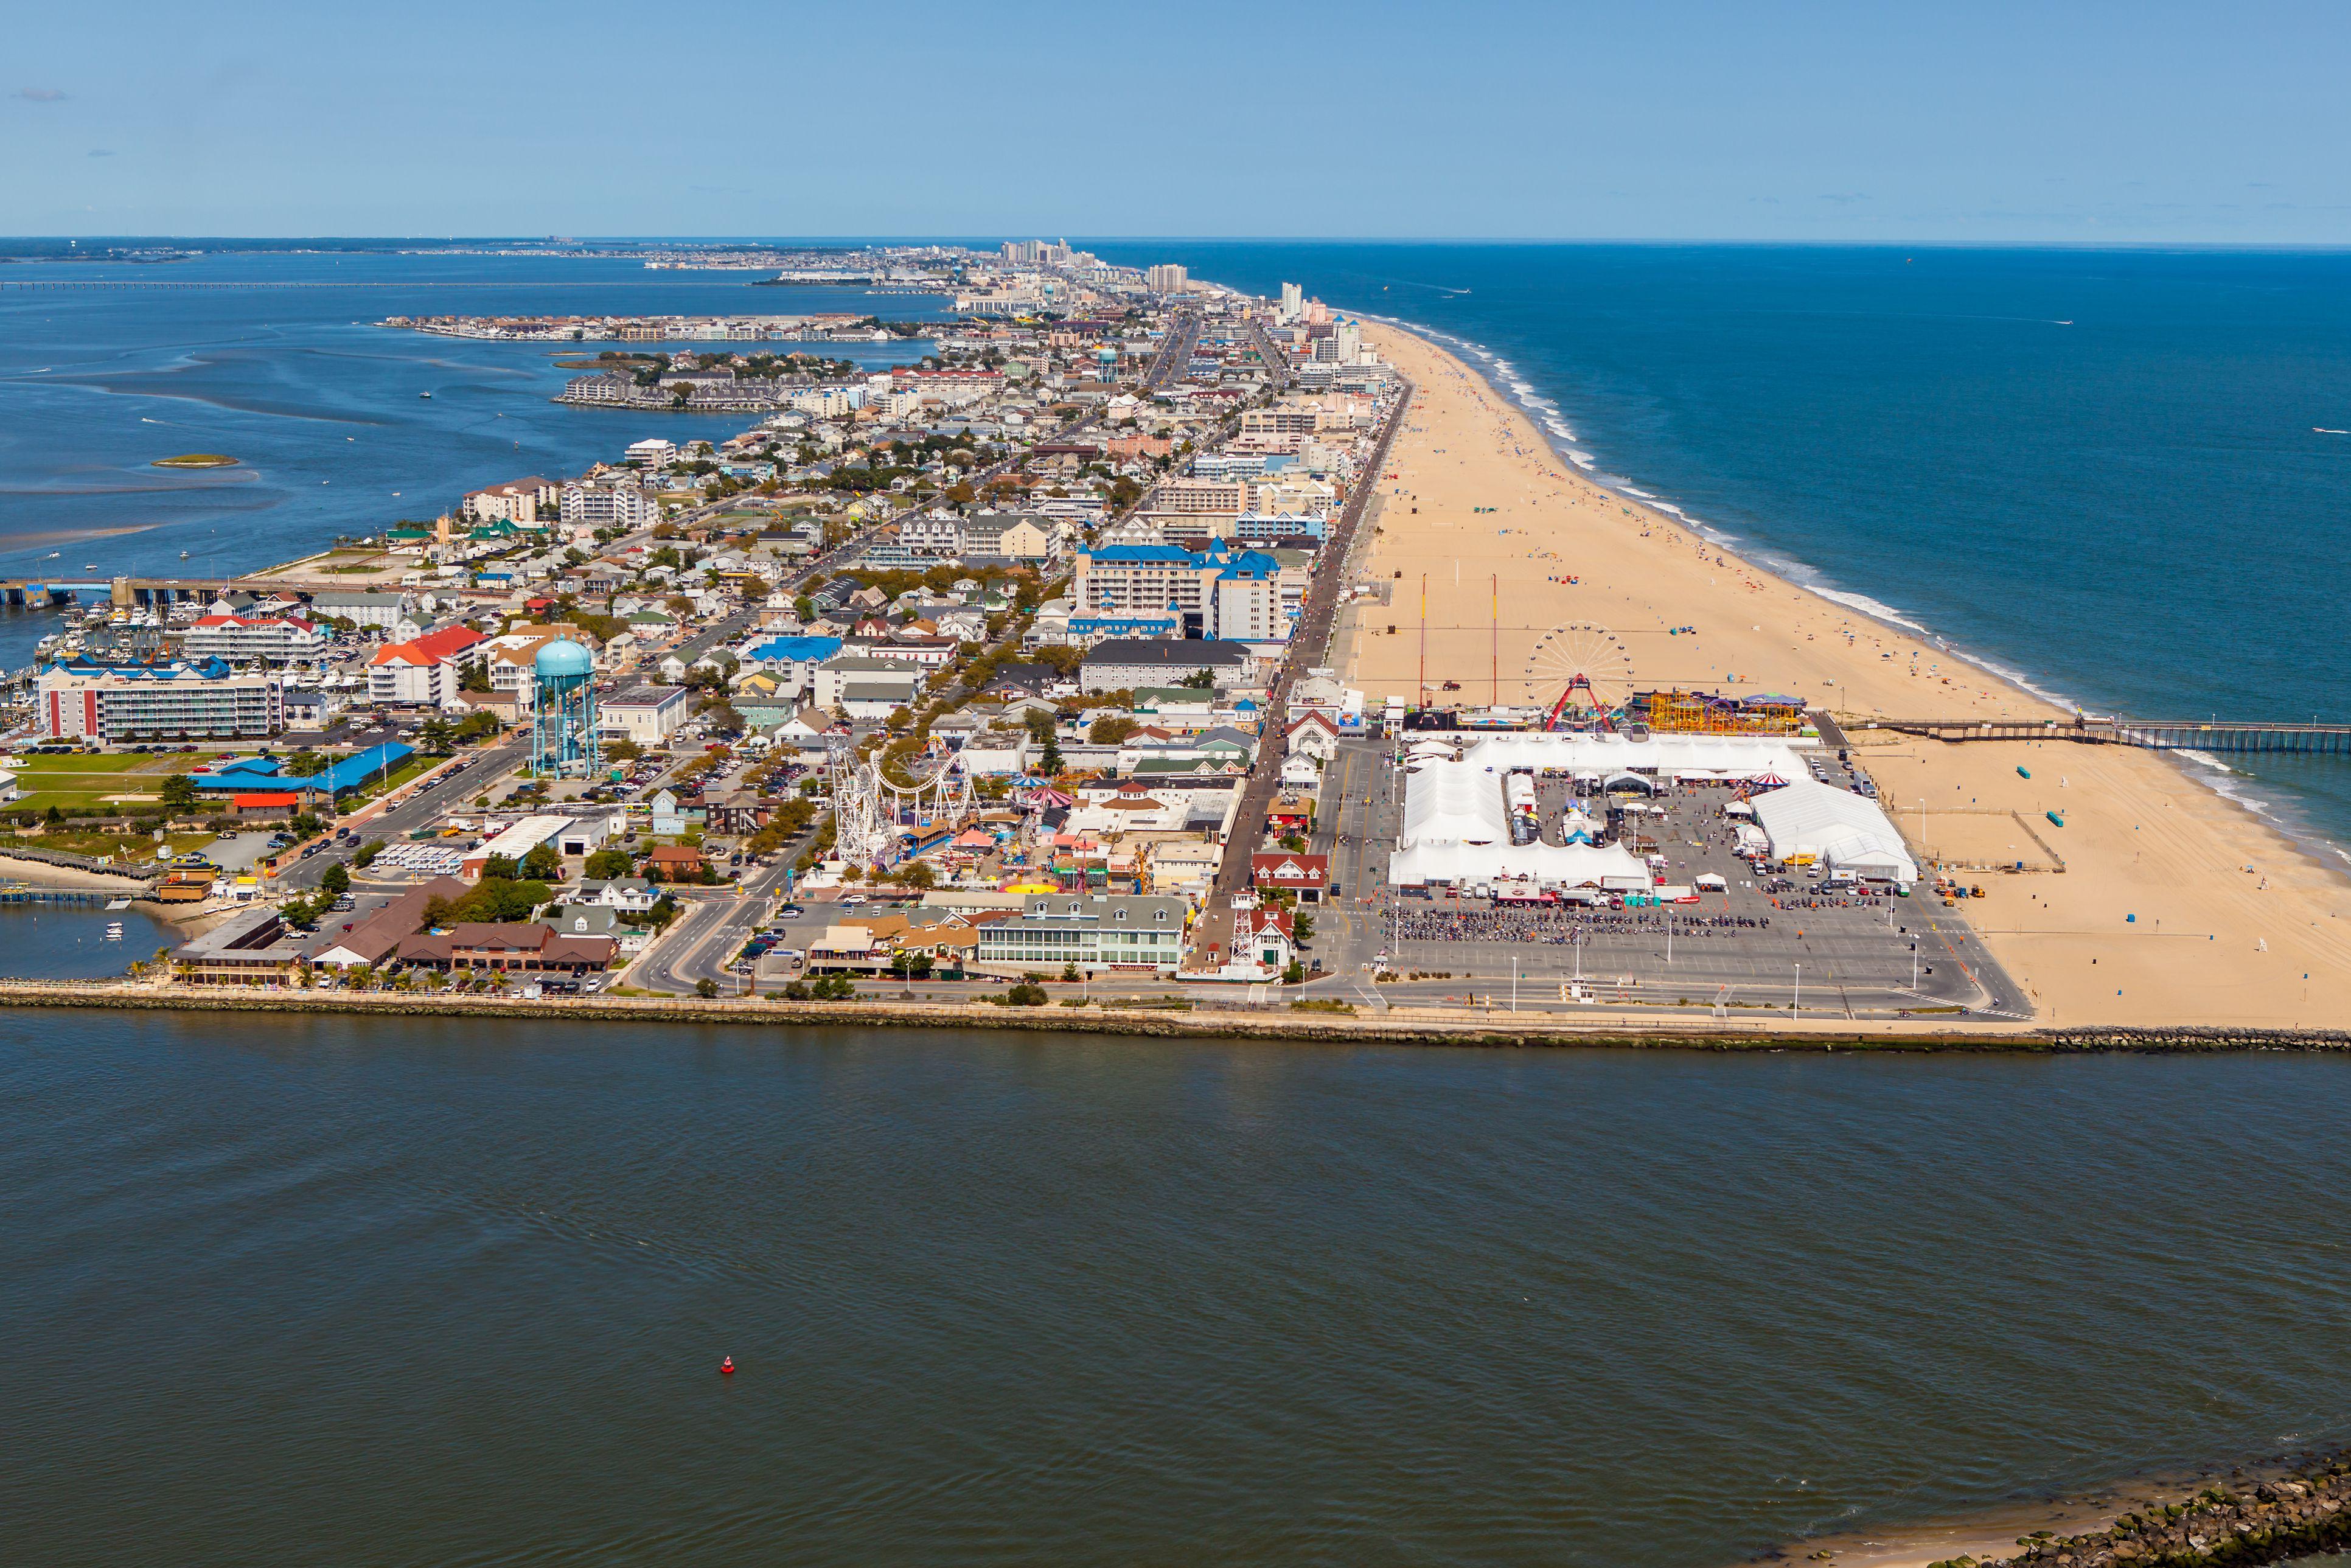 Vista aérea de Ocean City, MD